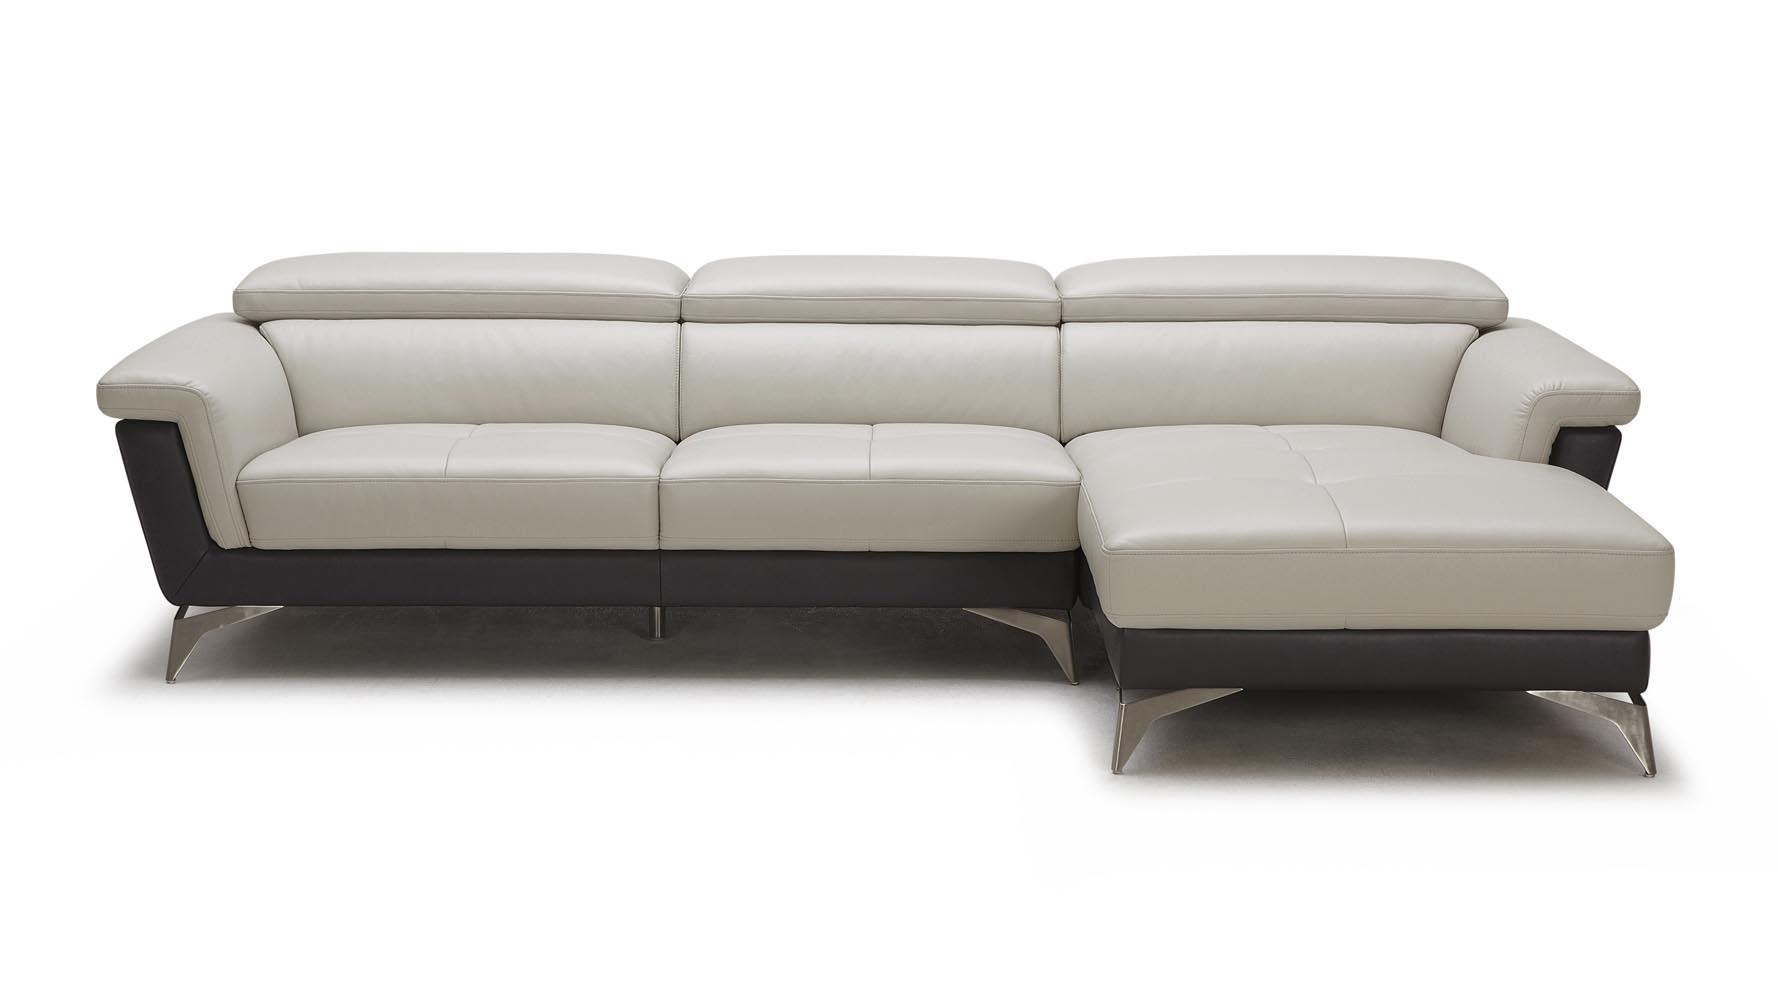 Gray/black Savoy 3-Seater Sectional Sofa | Zuri Furniture within Savoy Sofas